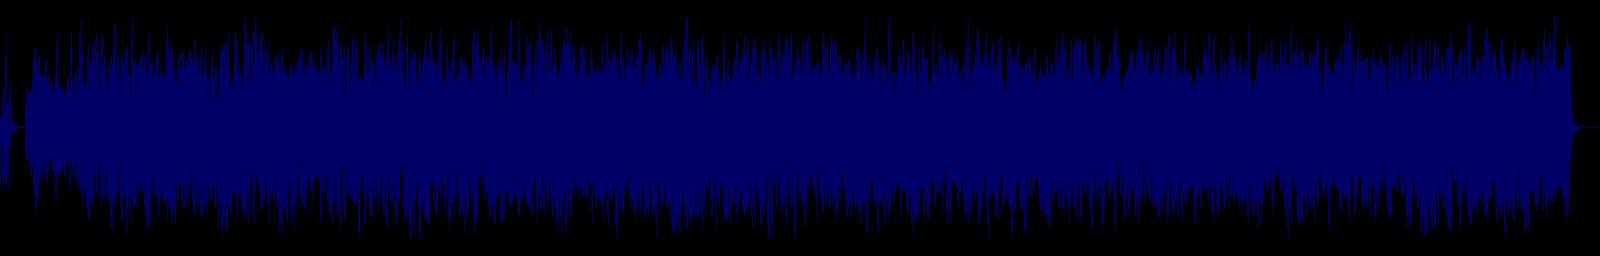 waveform of track #136282